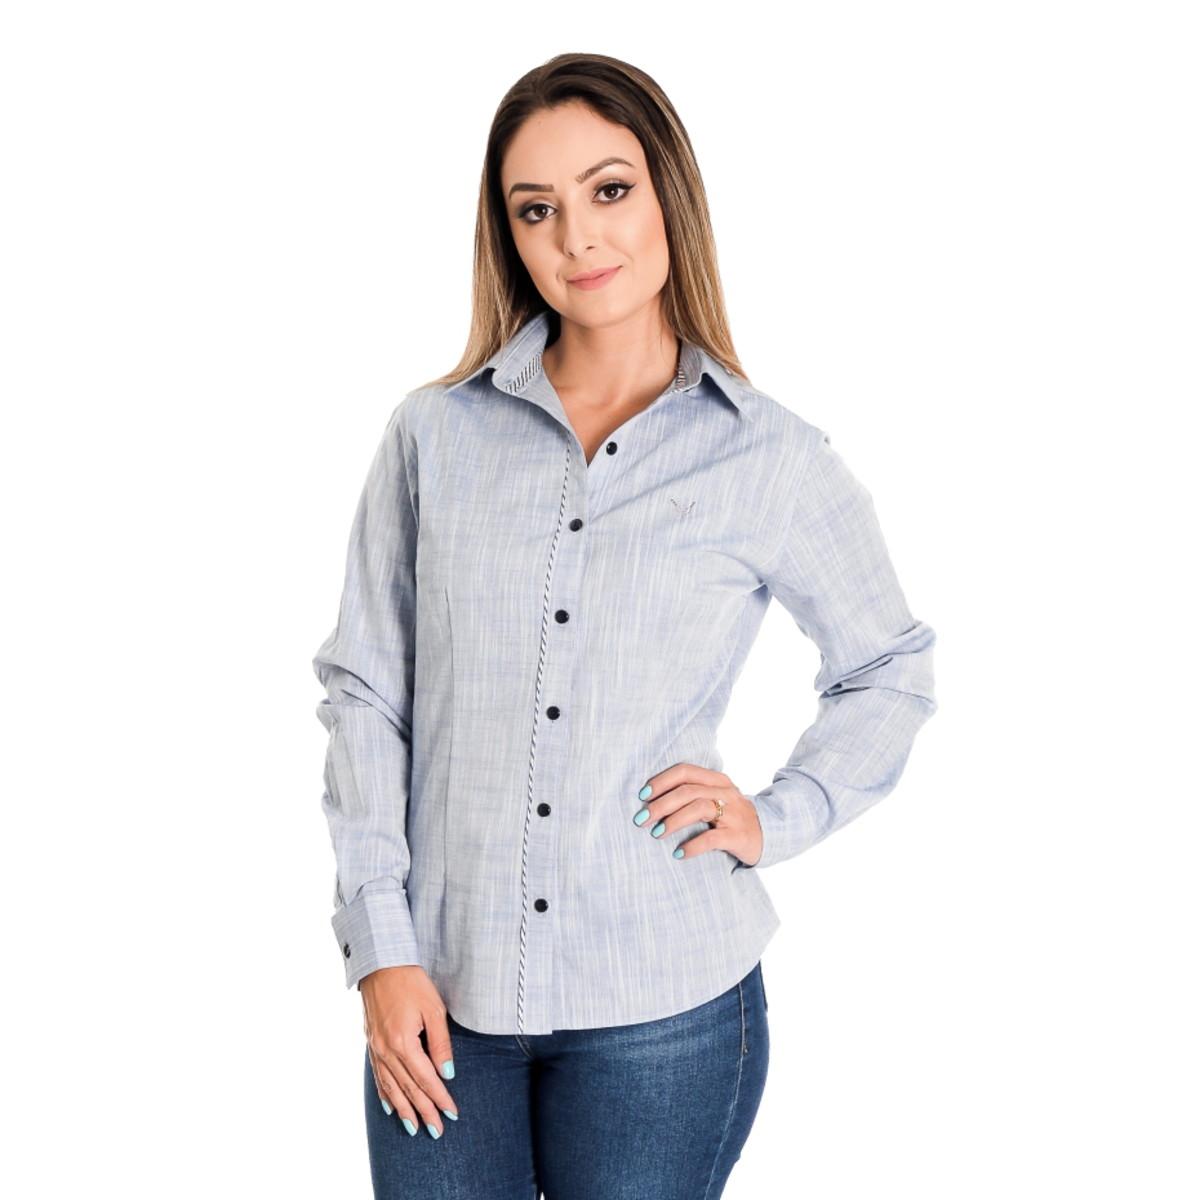 Camisa Feminina Azul Clara Milena - Pimenta Rosada no Elo7  f46bce7b75f24